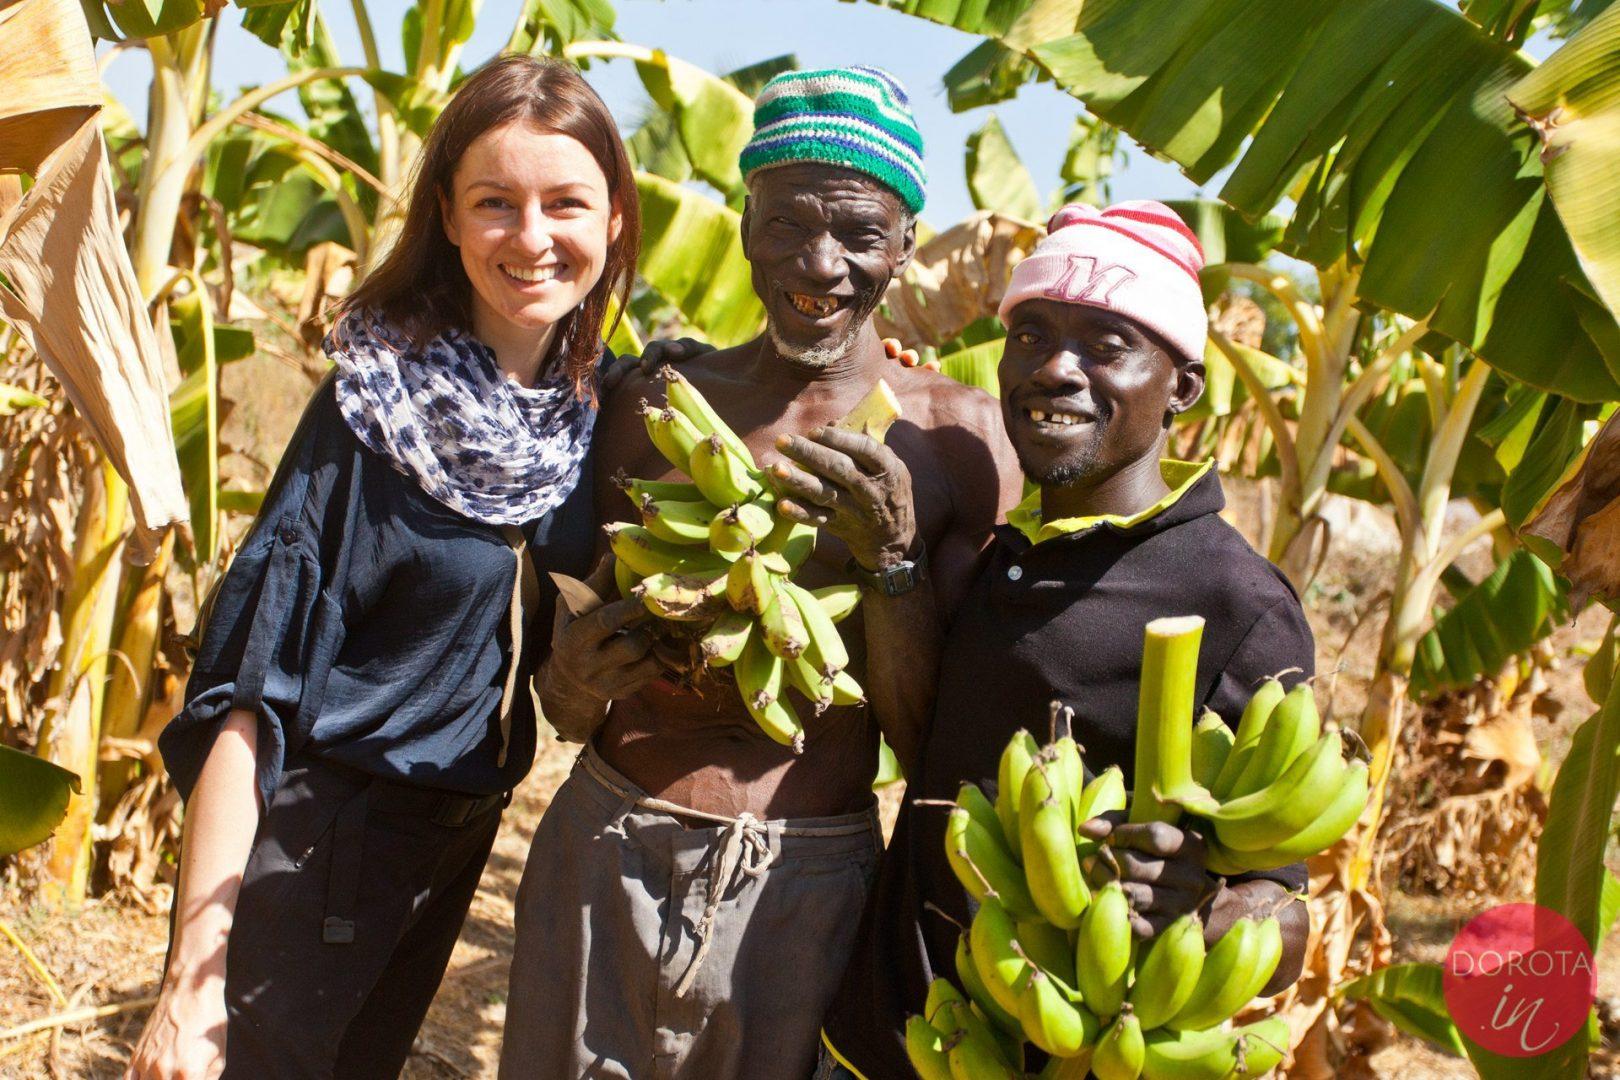 Zaprzyjaźnieni miejscowi czyli postanowiliśmy kupić banany w Gambii :)